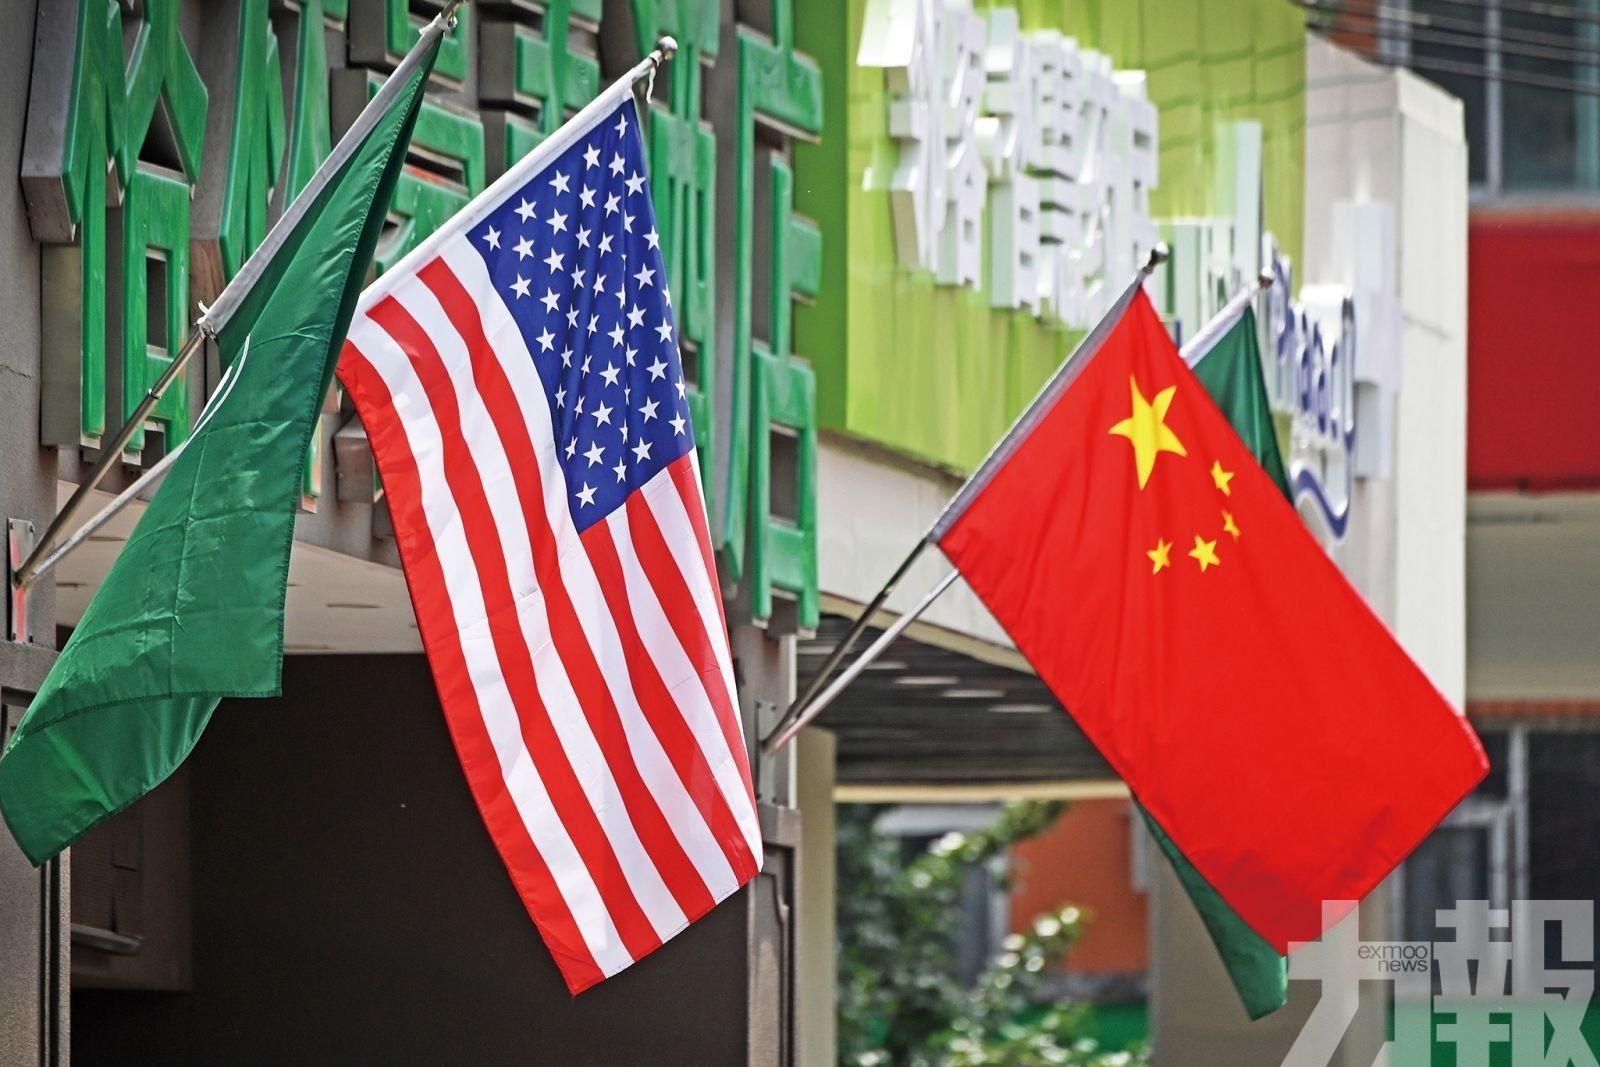 稱美方未找到與中國打交道的正確道路